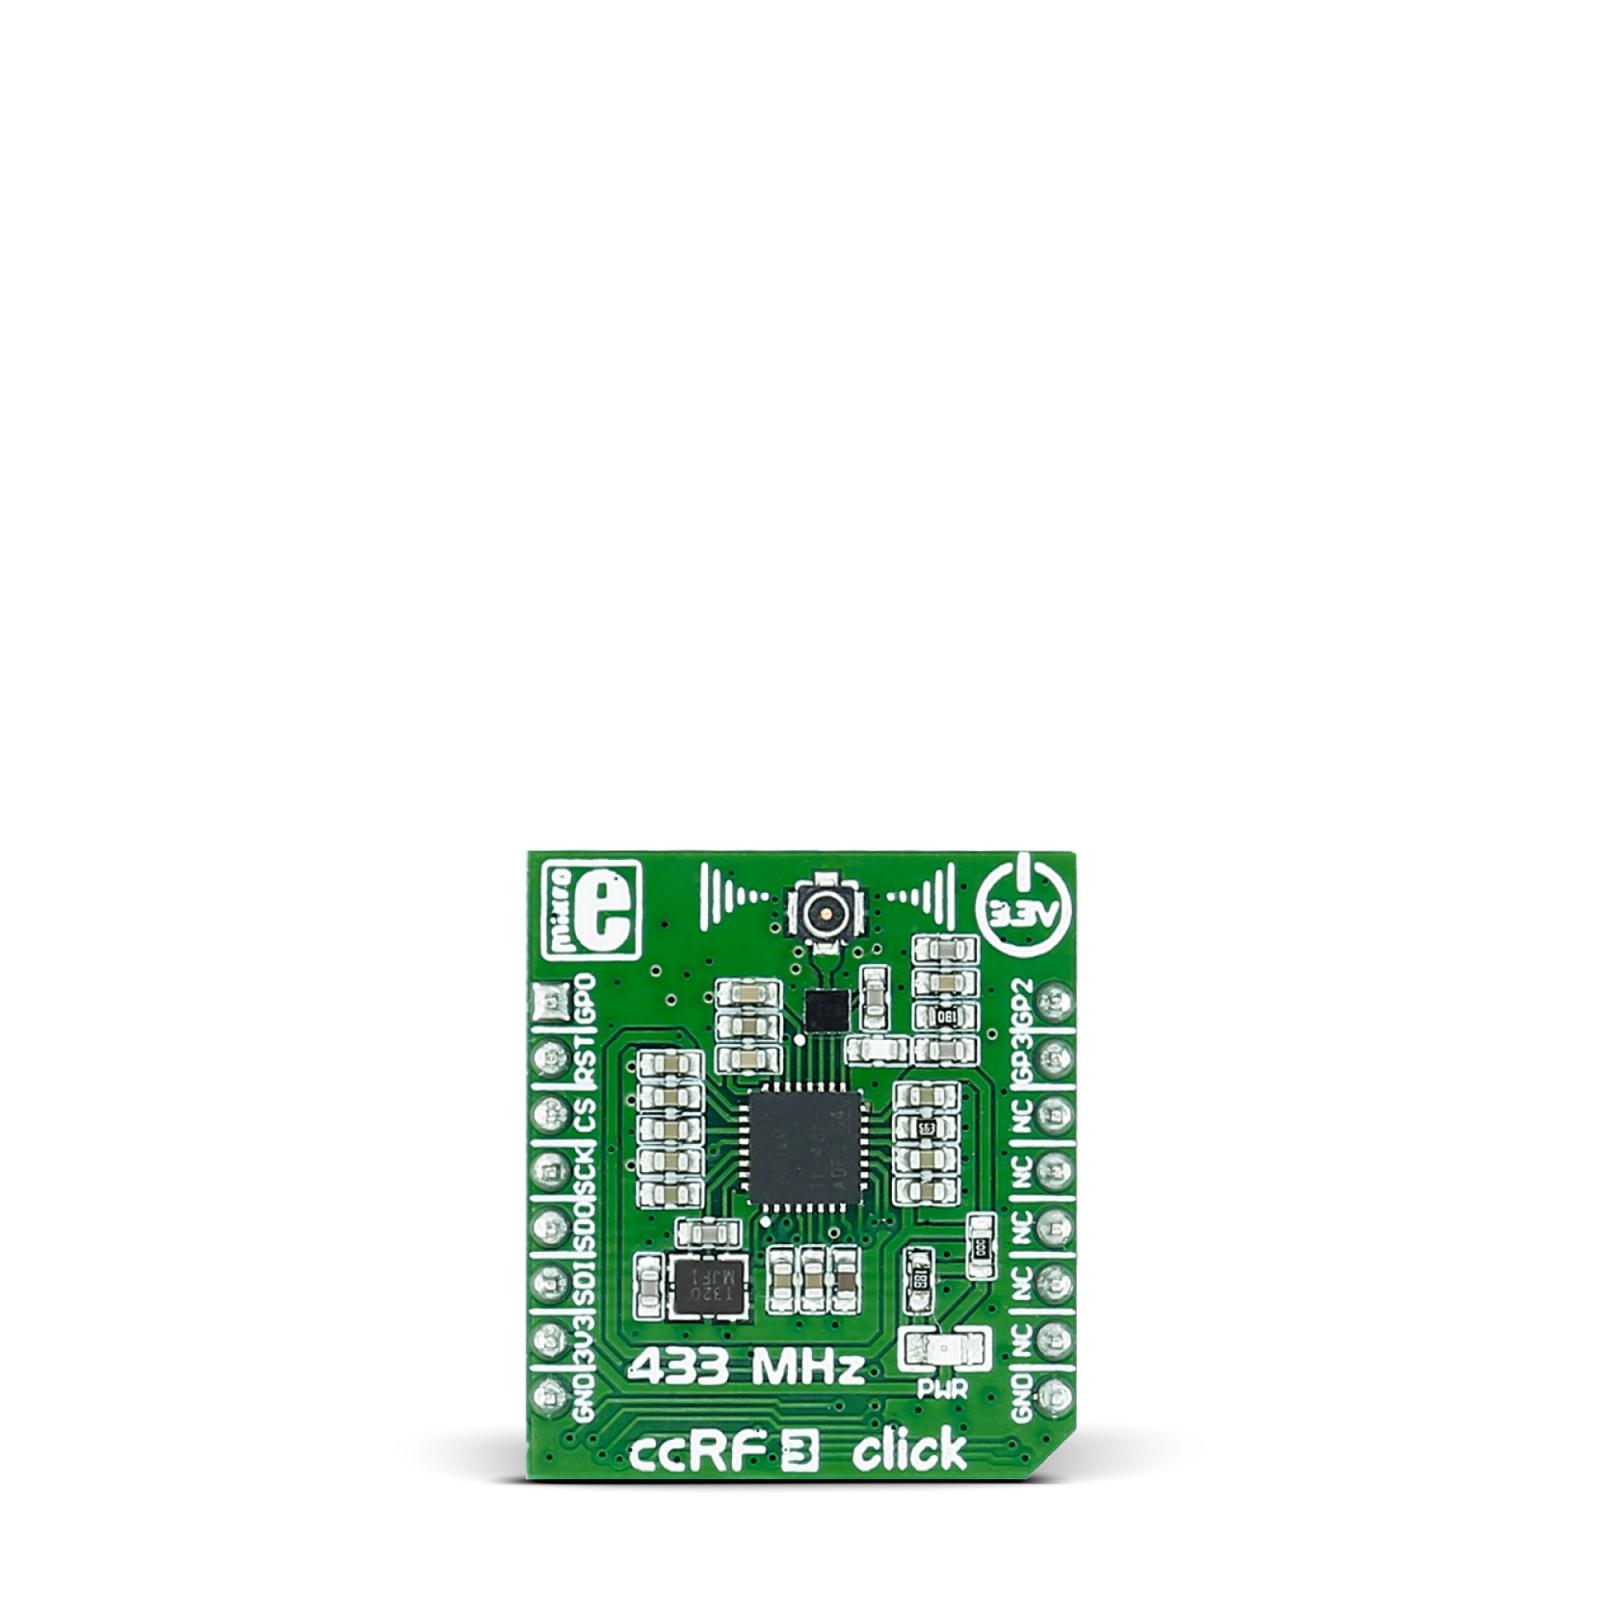 Ccrf 3 Board With Cc1120 Rf Transceiver Mikroelektonika Mixed Signal Mgctlbxnmzp Mgctlbxv5112 Mgctlbxlc Mgctlbxpprestashop